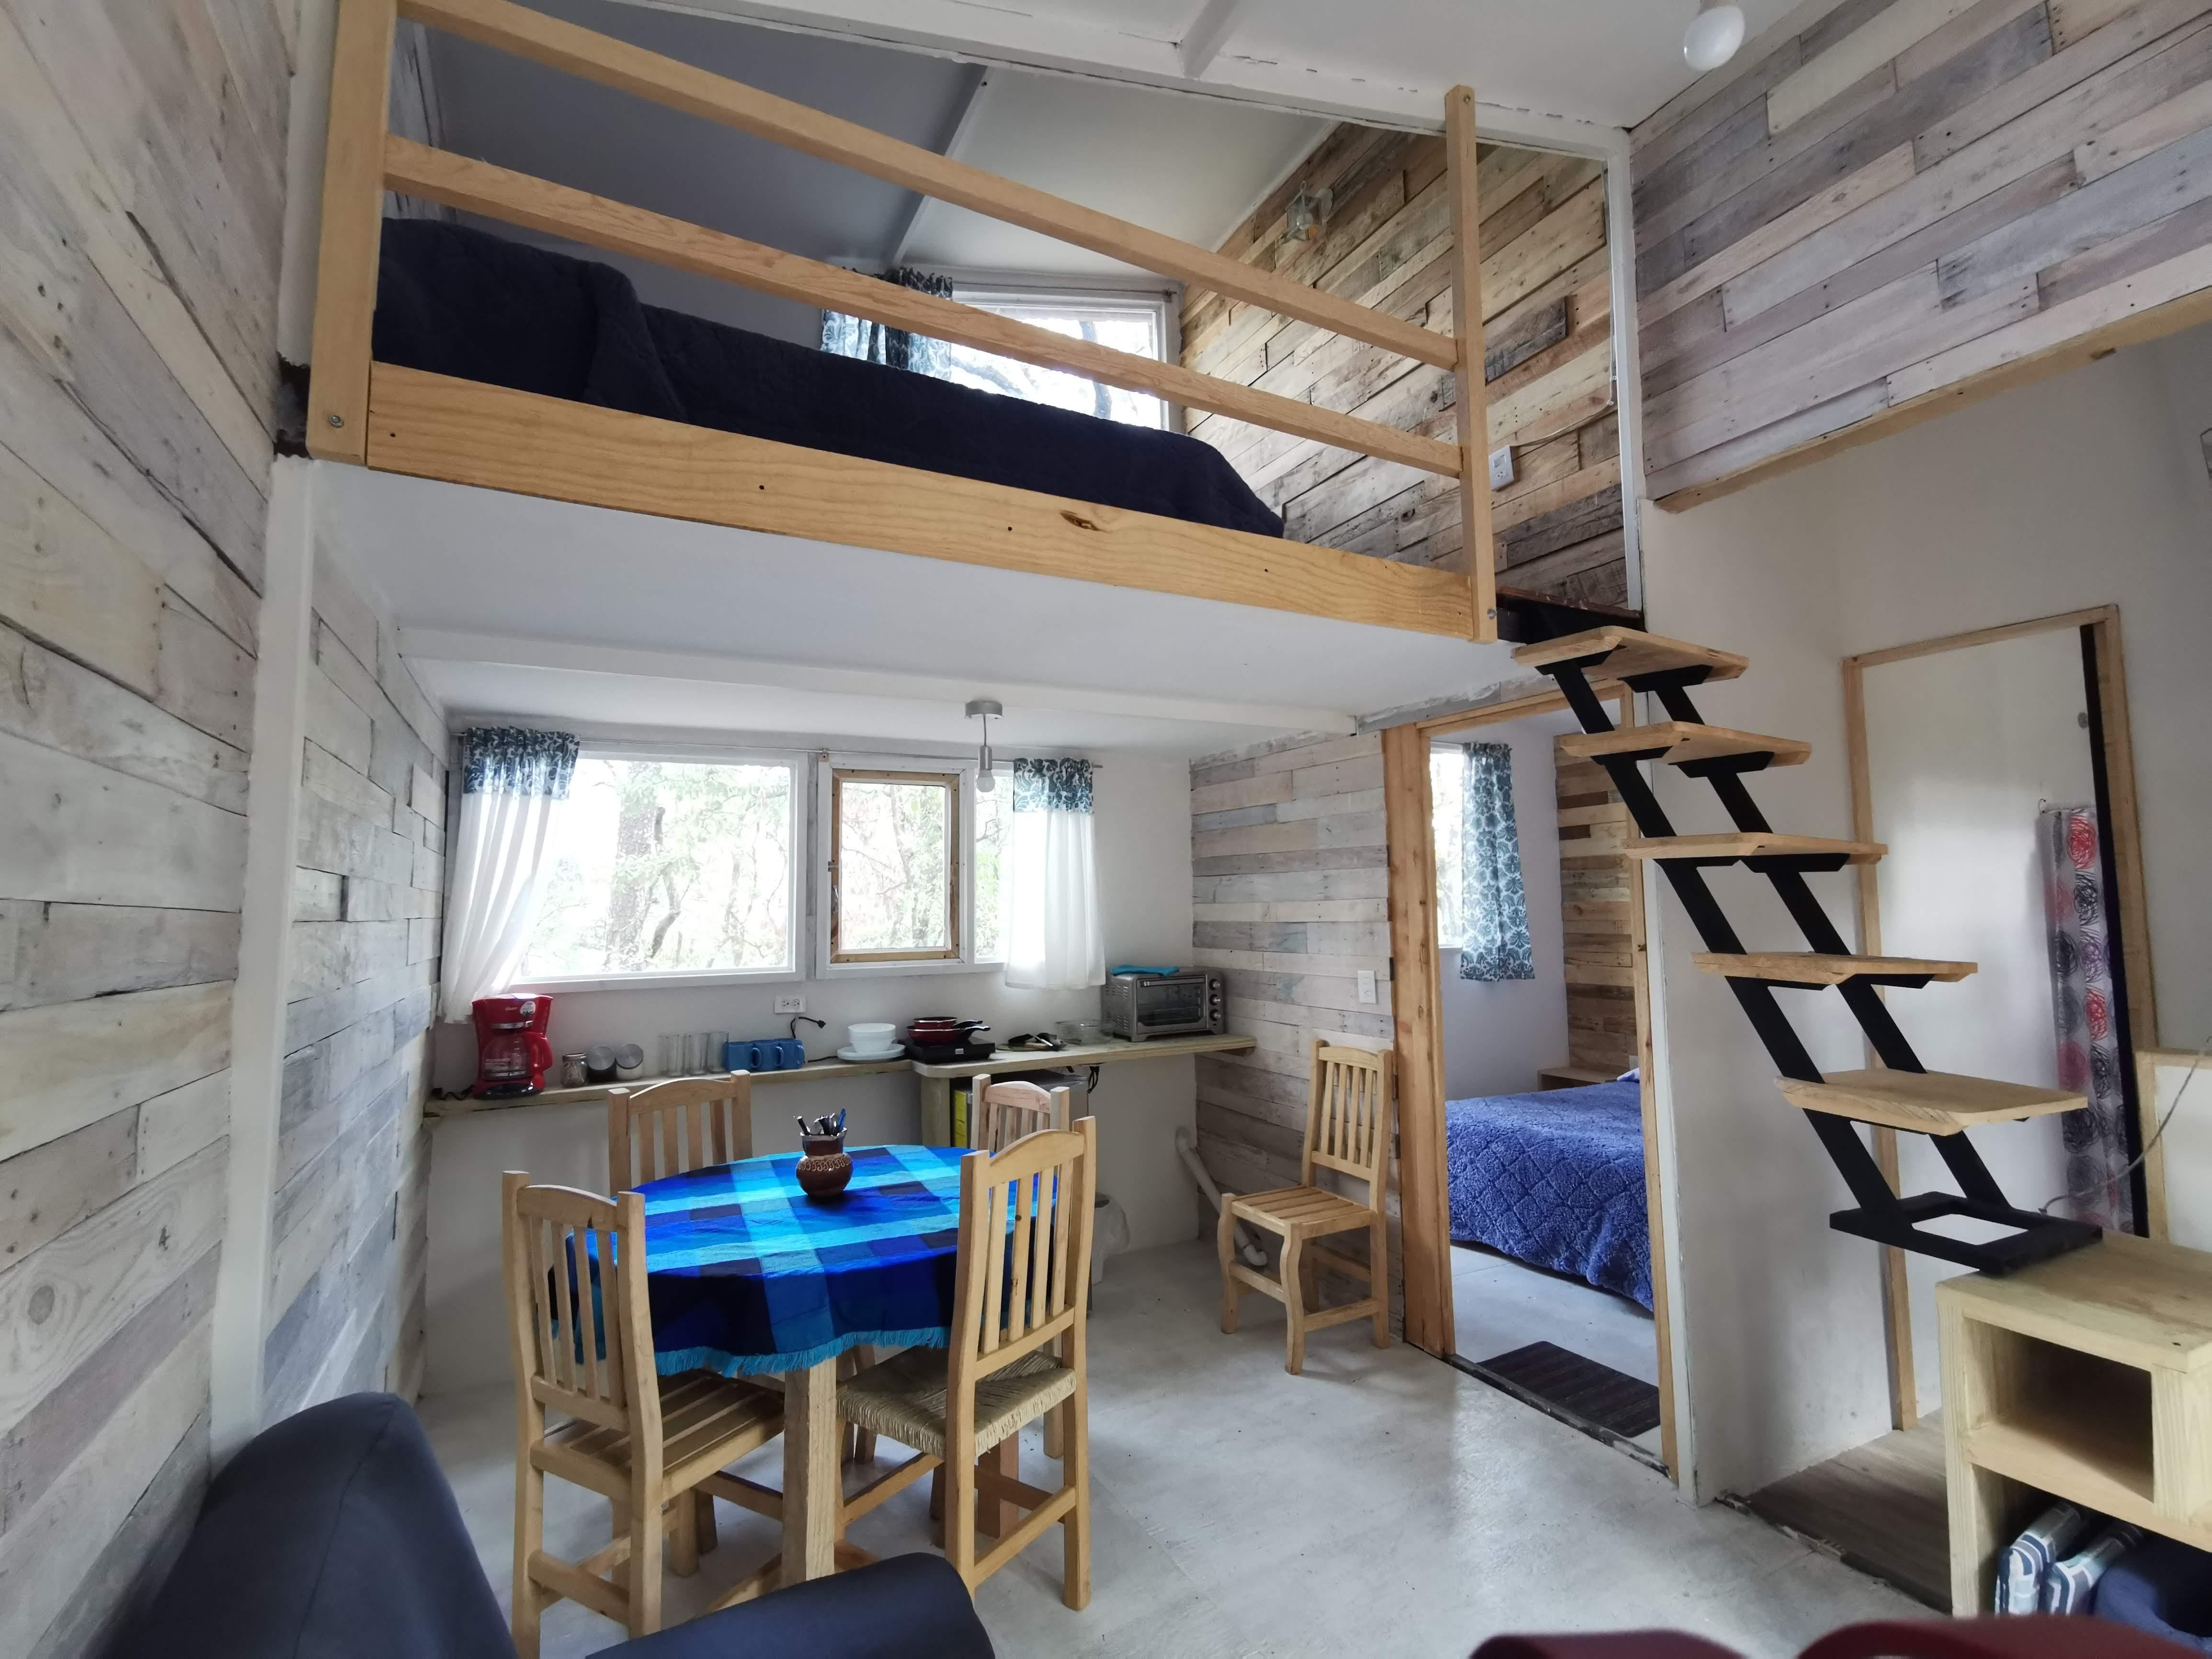 Pinochueco interior cabaña azul